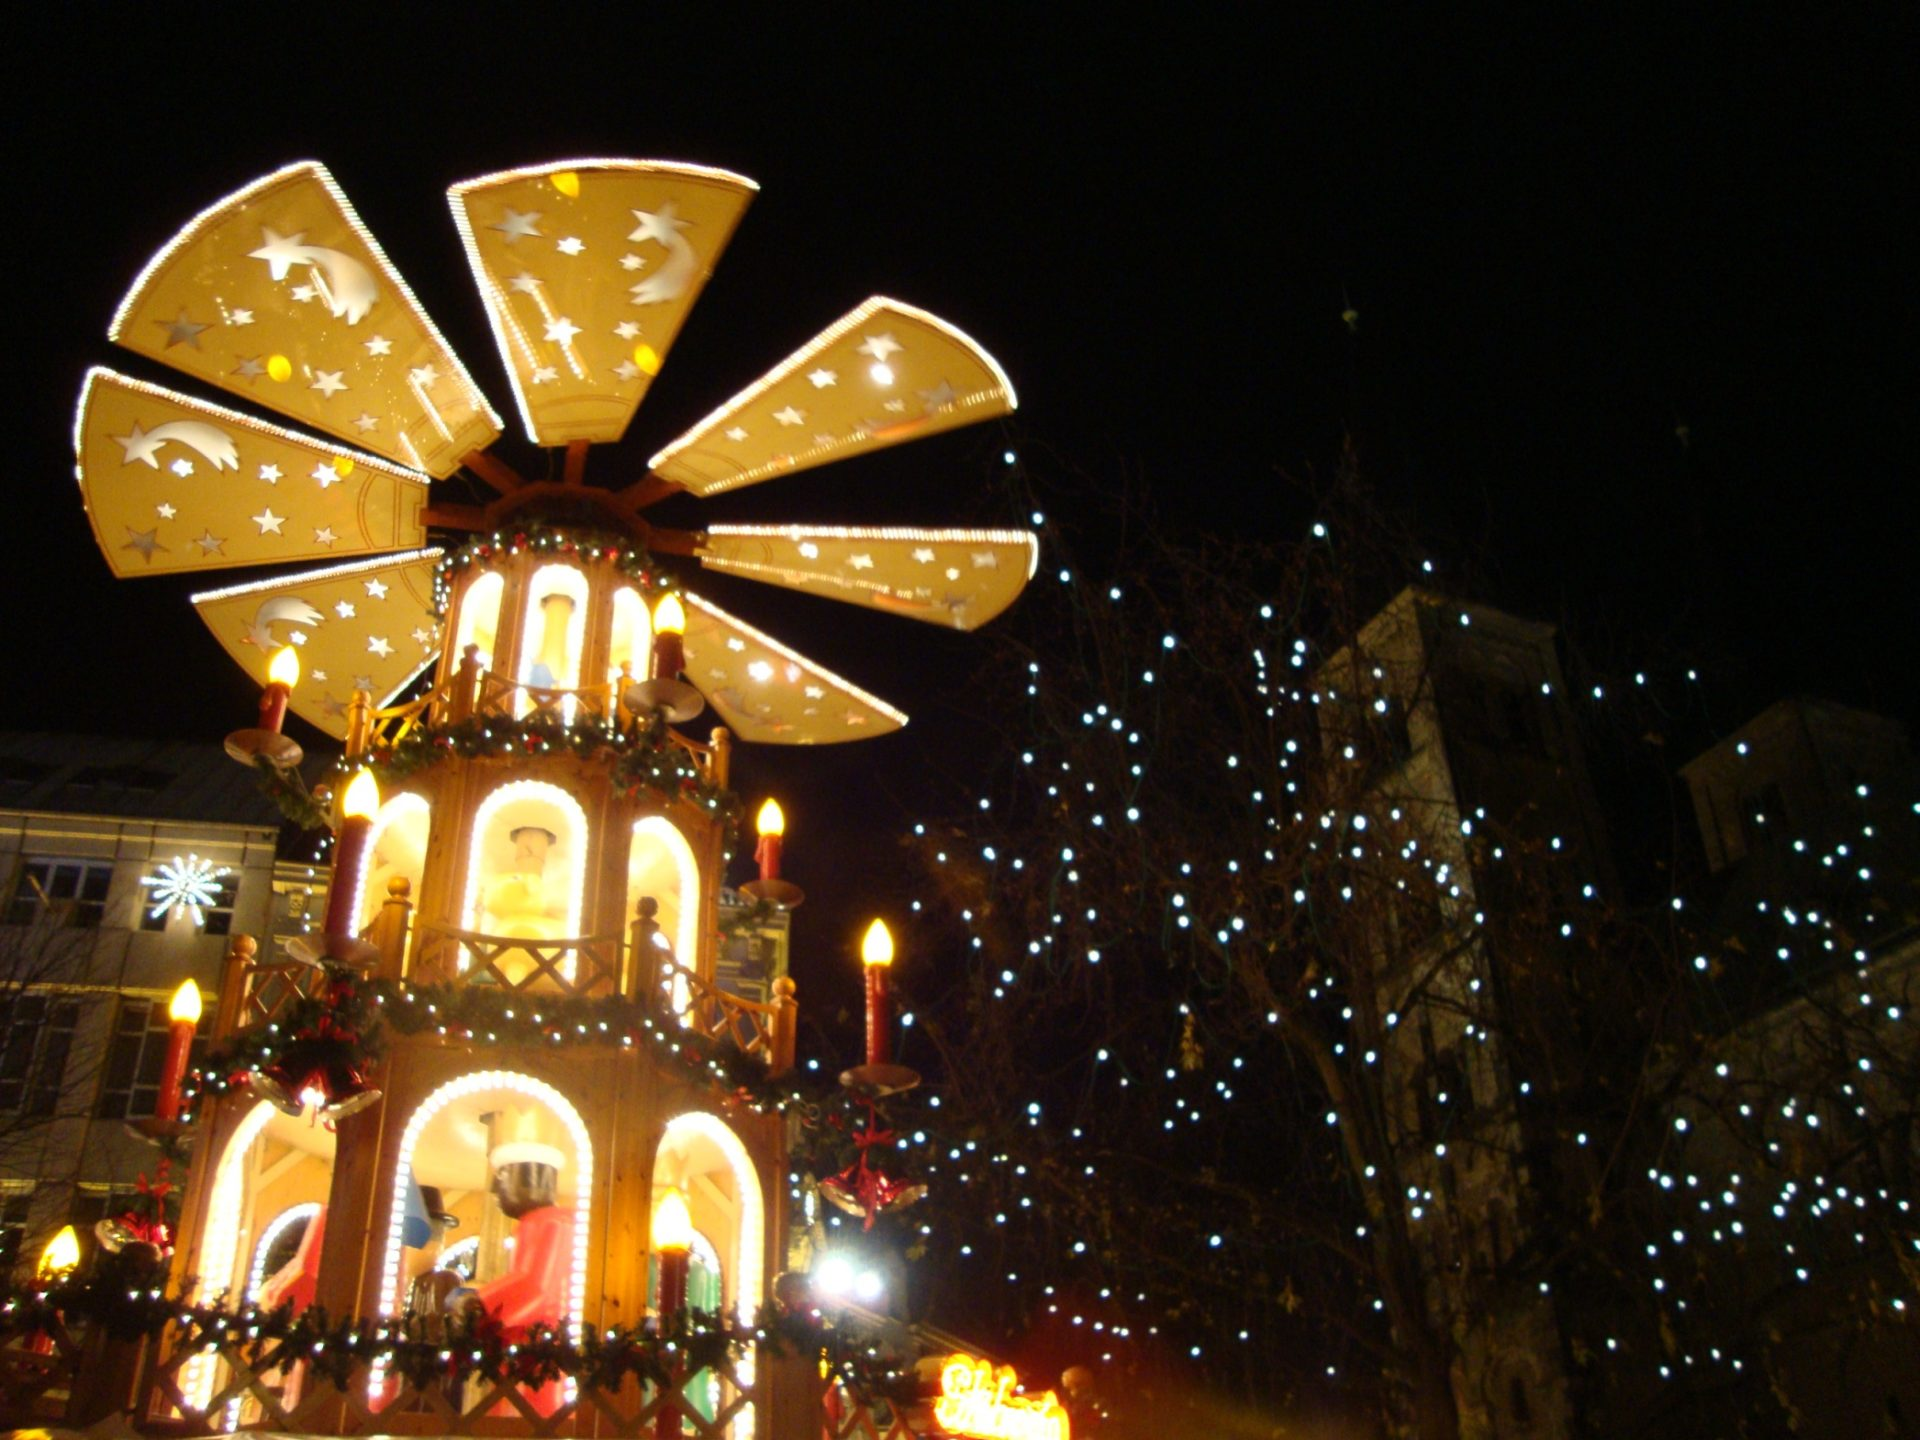 Neuer-Kanzlerplatz-Weihnachtsmarkt-Bonn